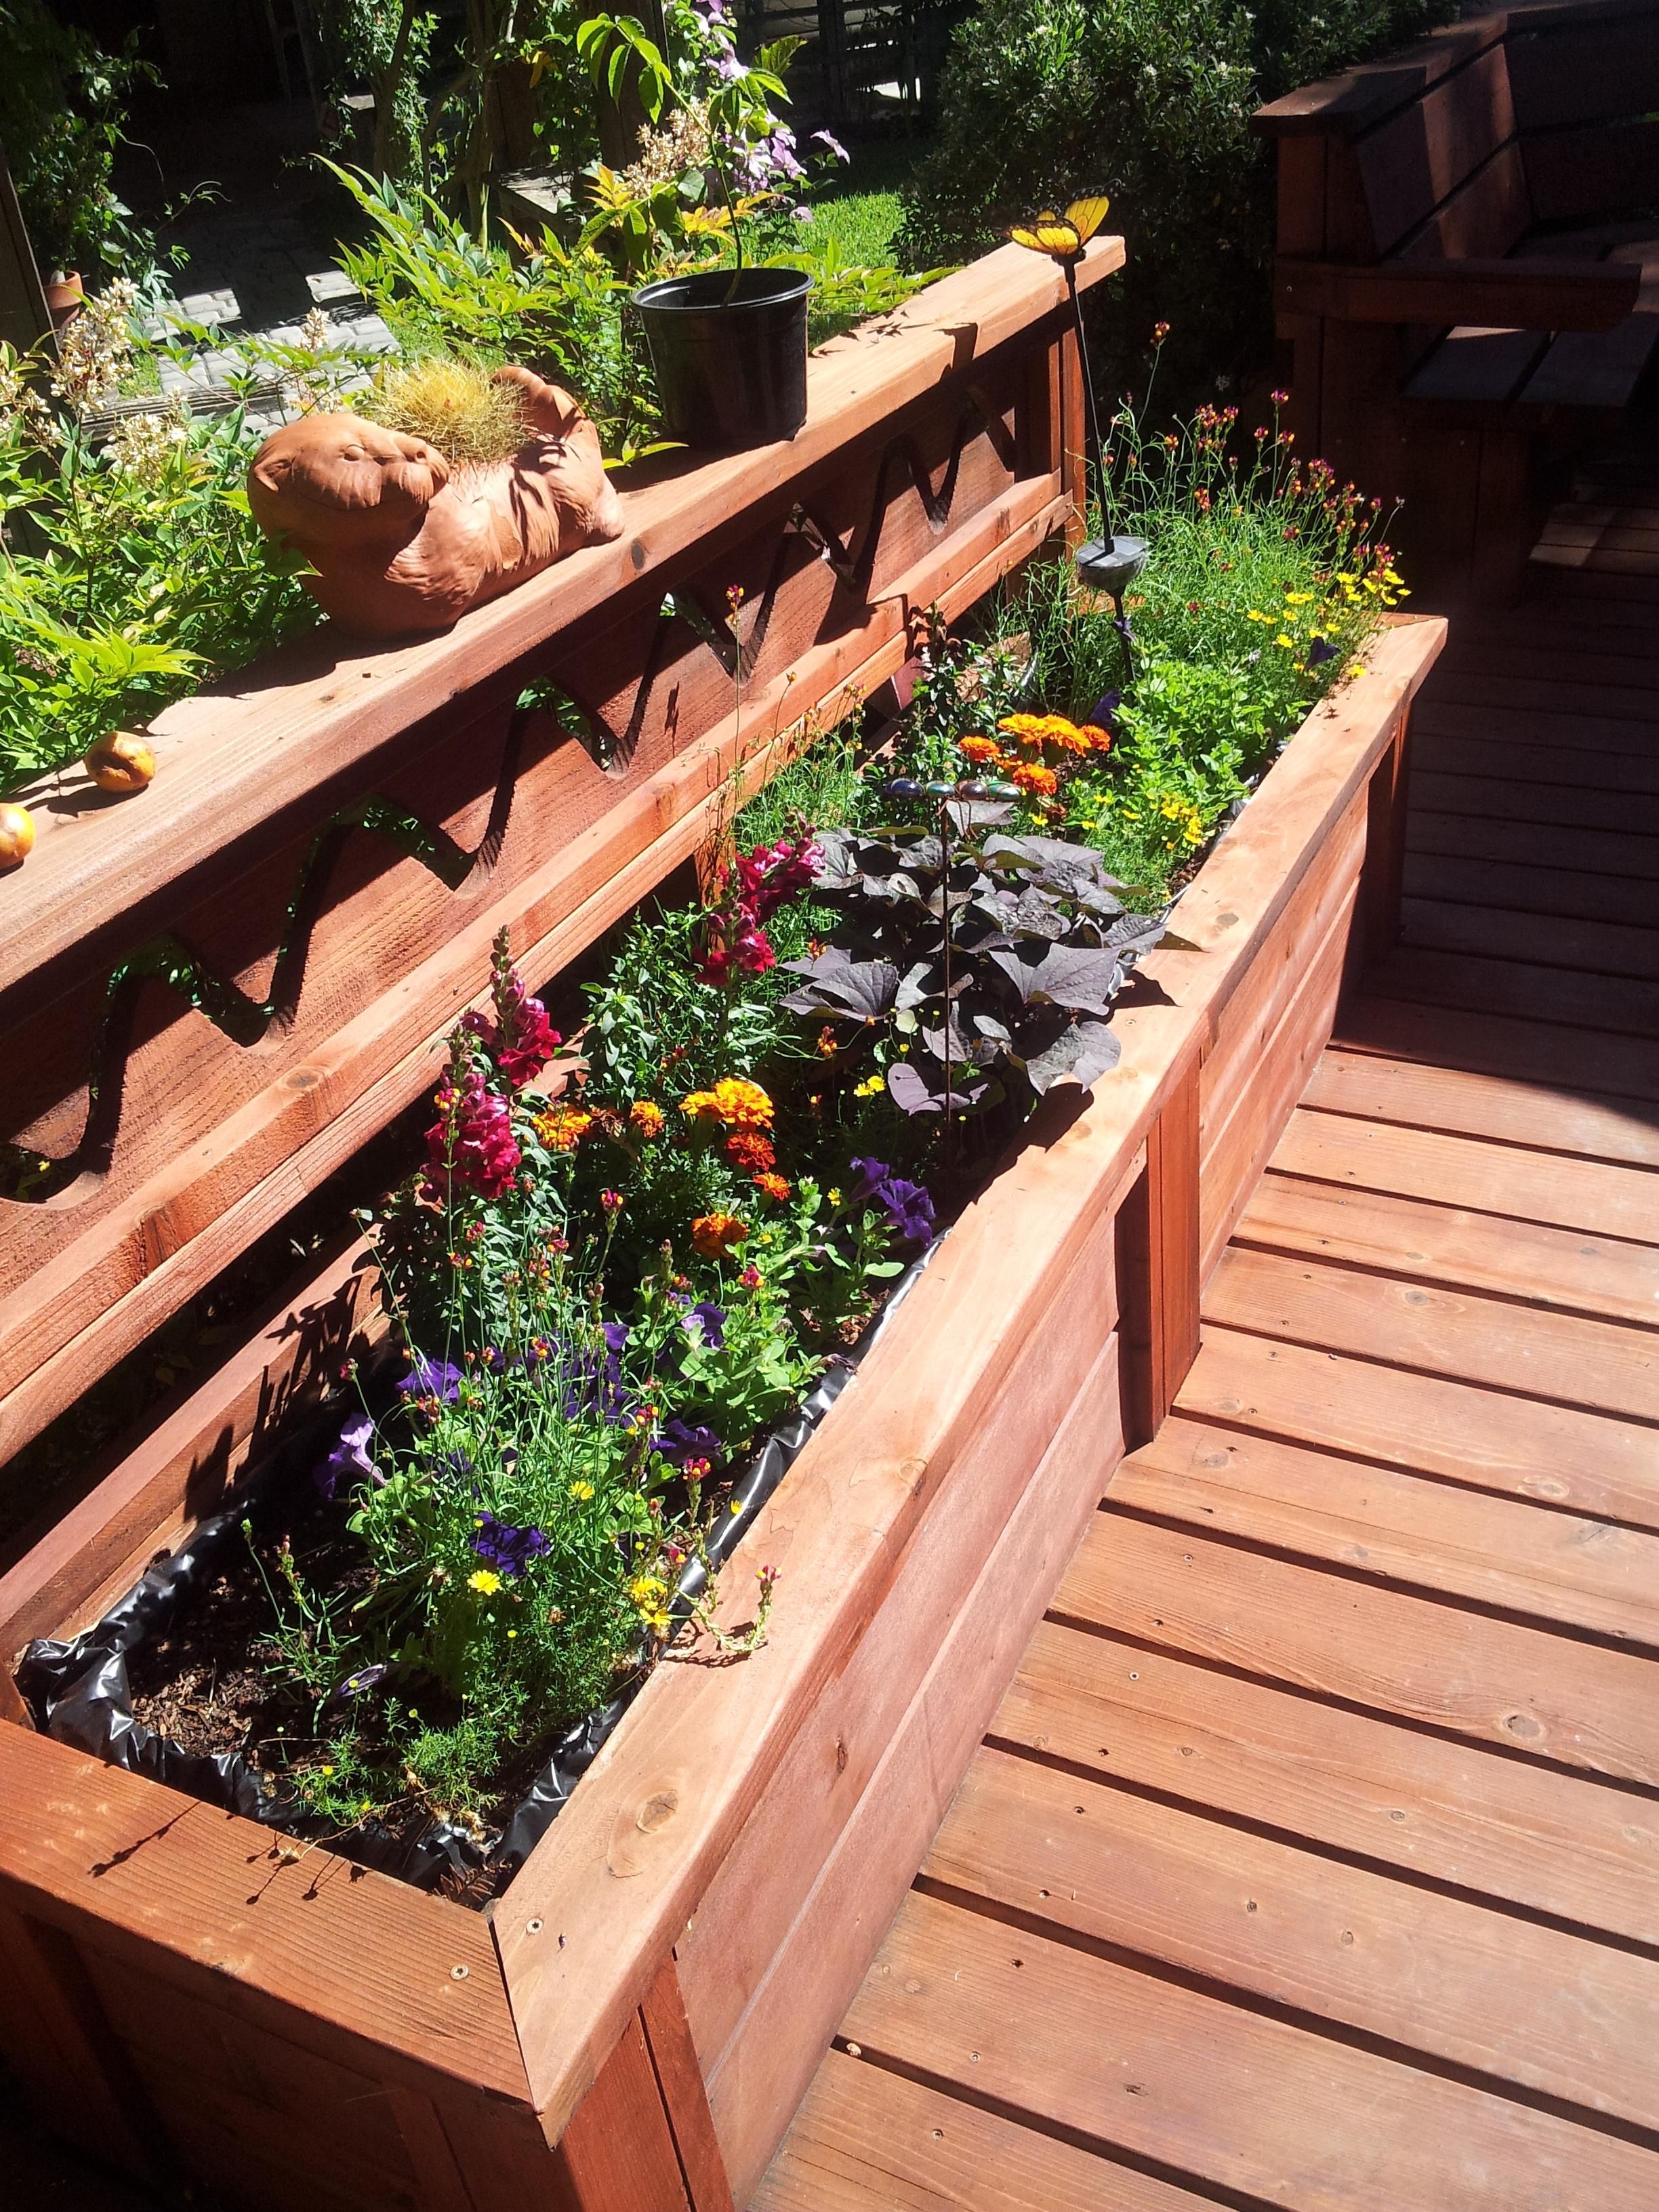 Wood wooden deck planters pdf plans for Wood deck plans pdf